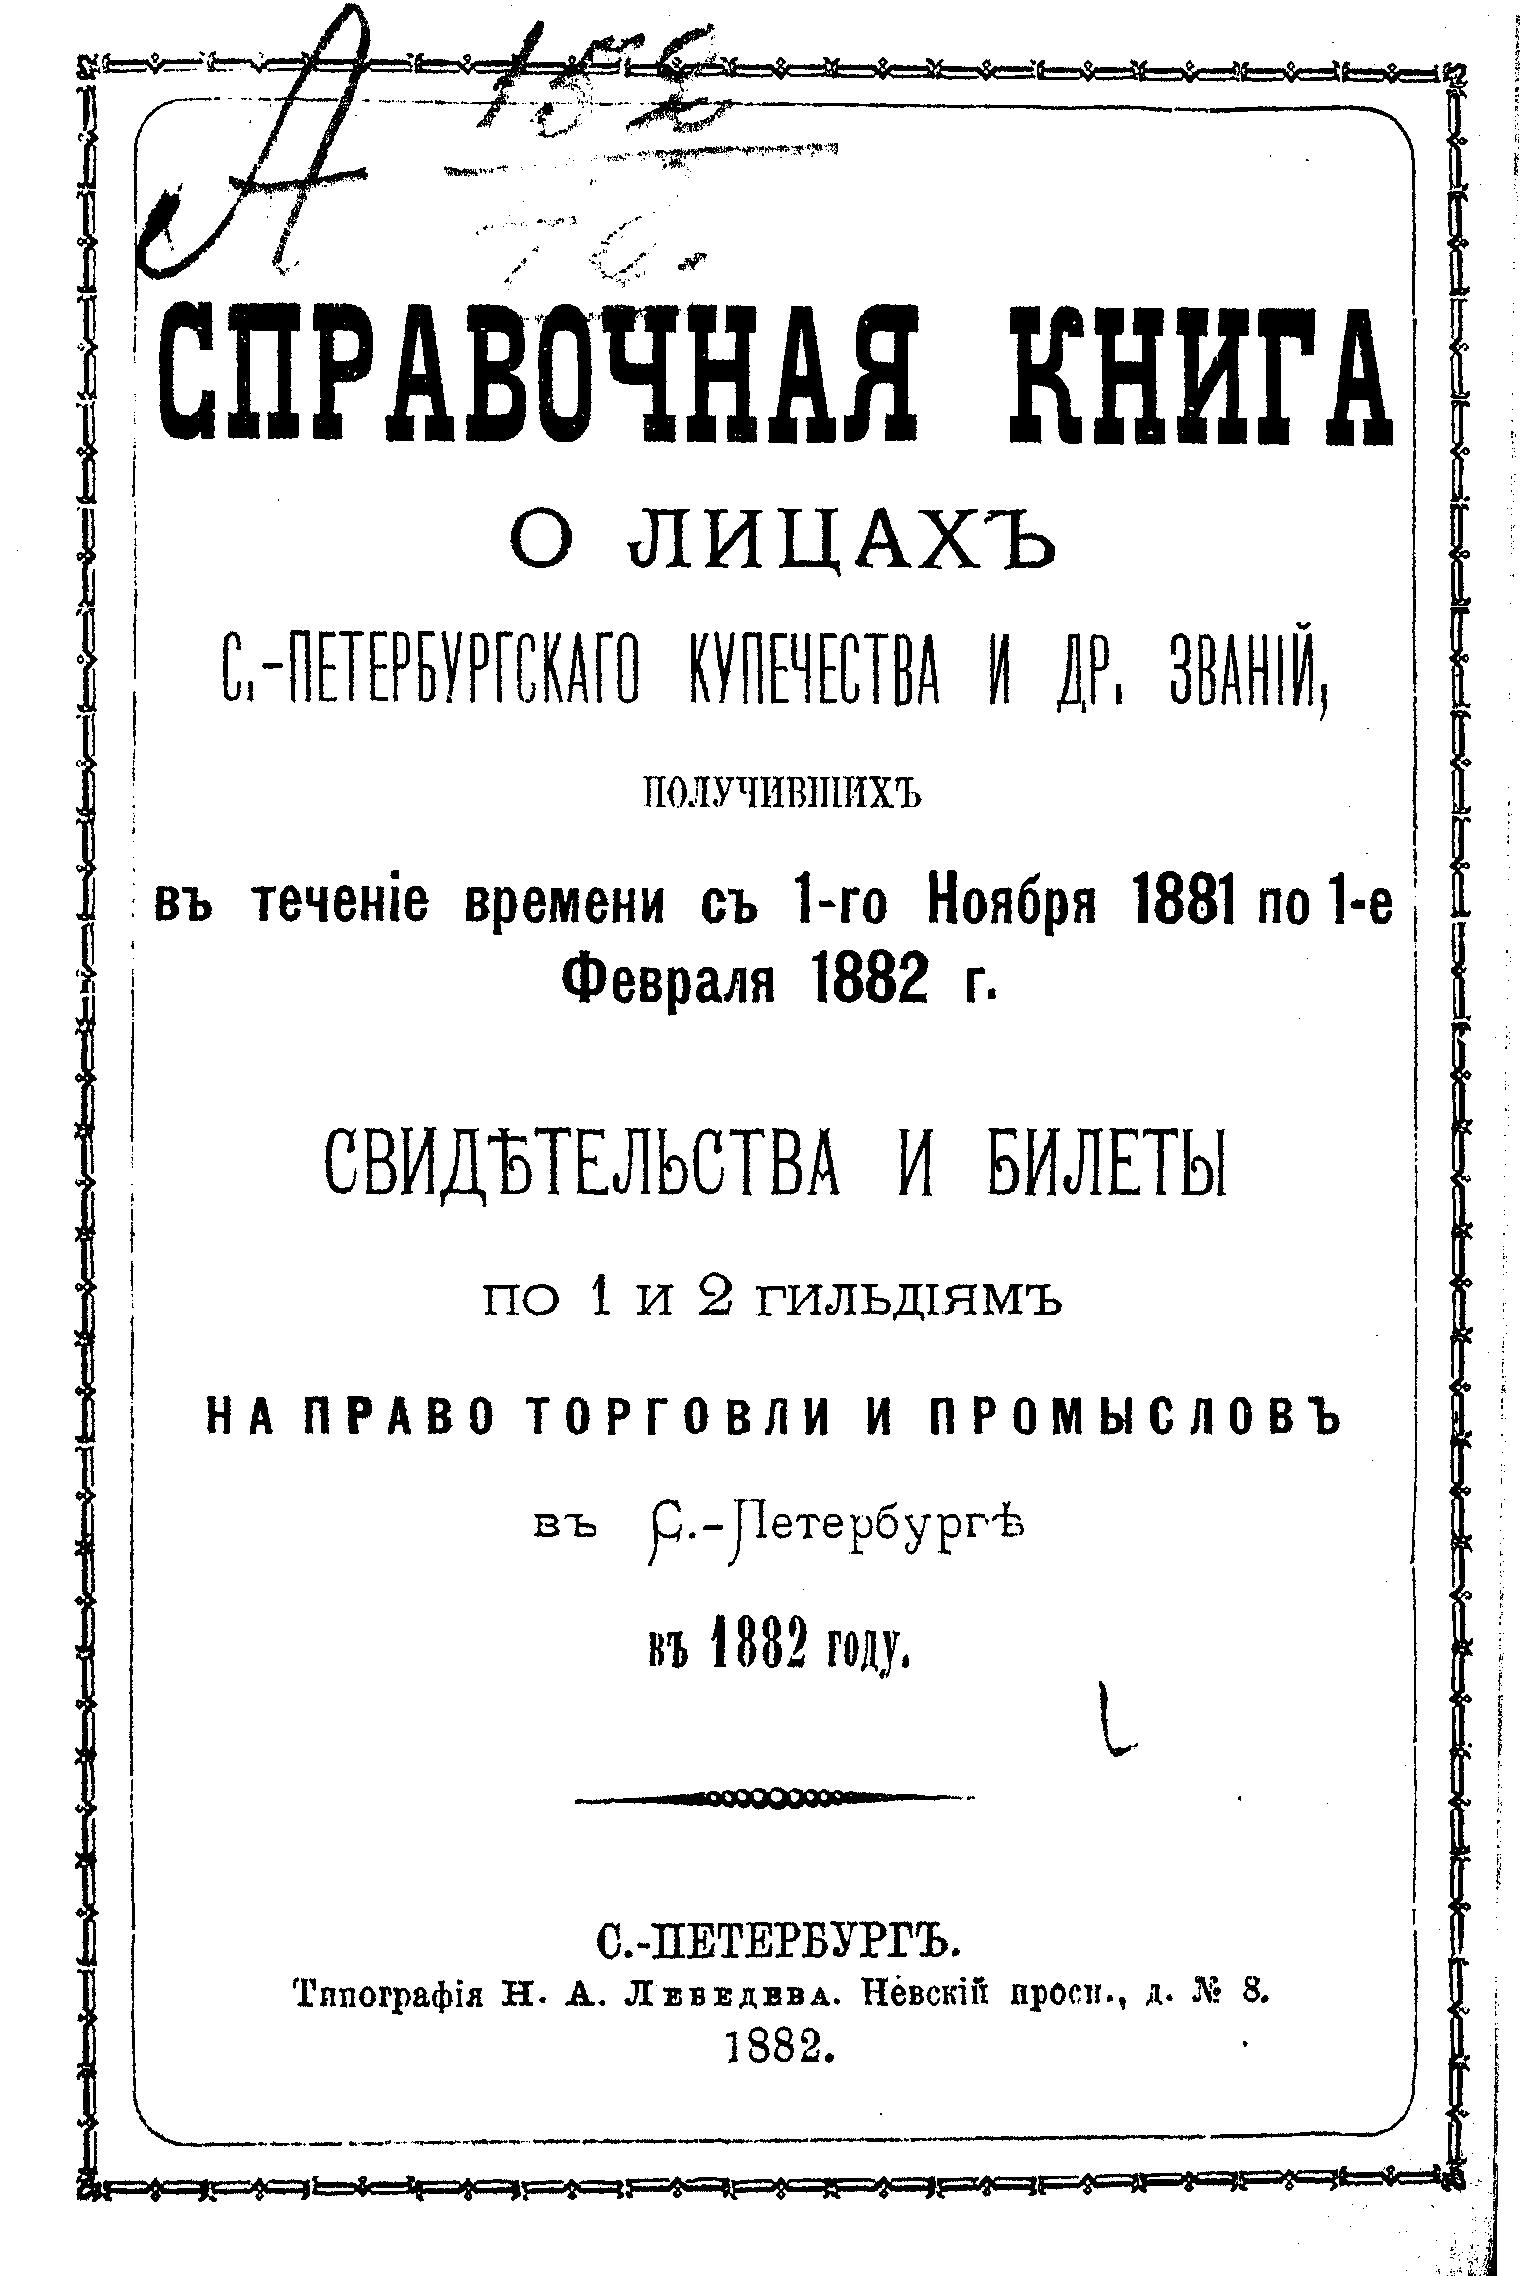 Коллектив авторов Справочная книга о купцах С.-Петербурга на 1882 год цена